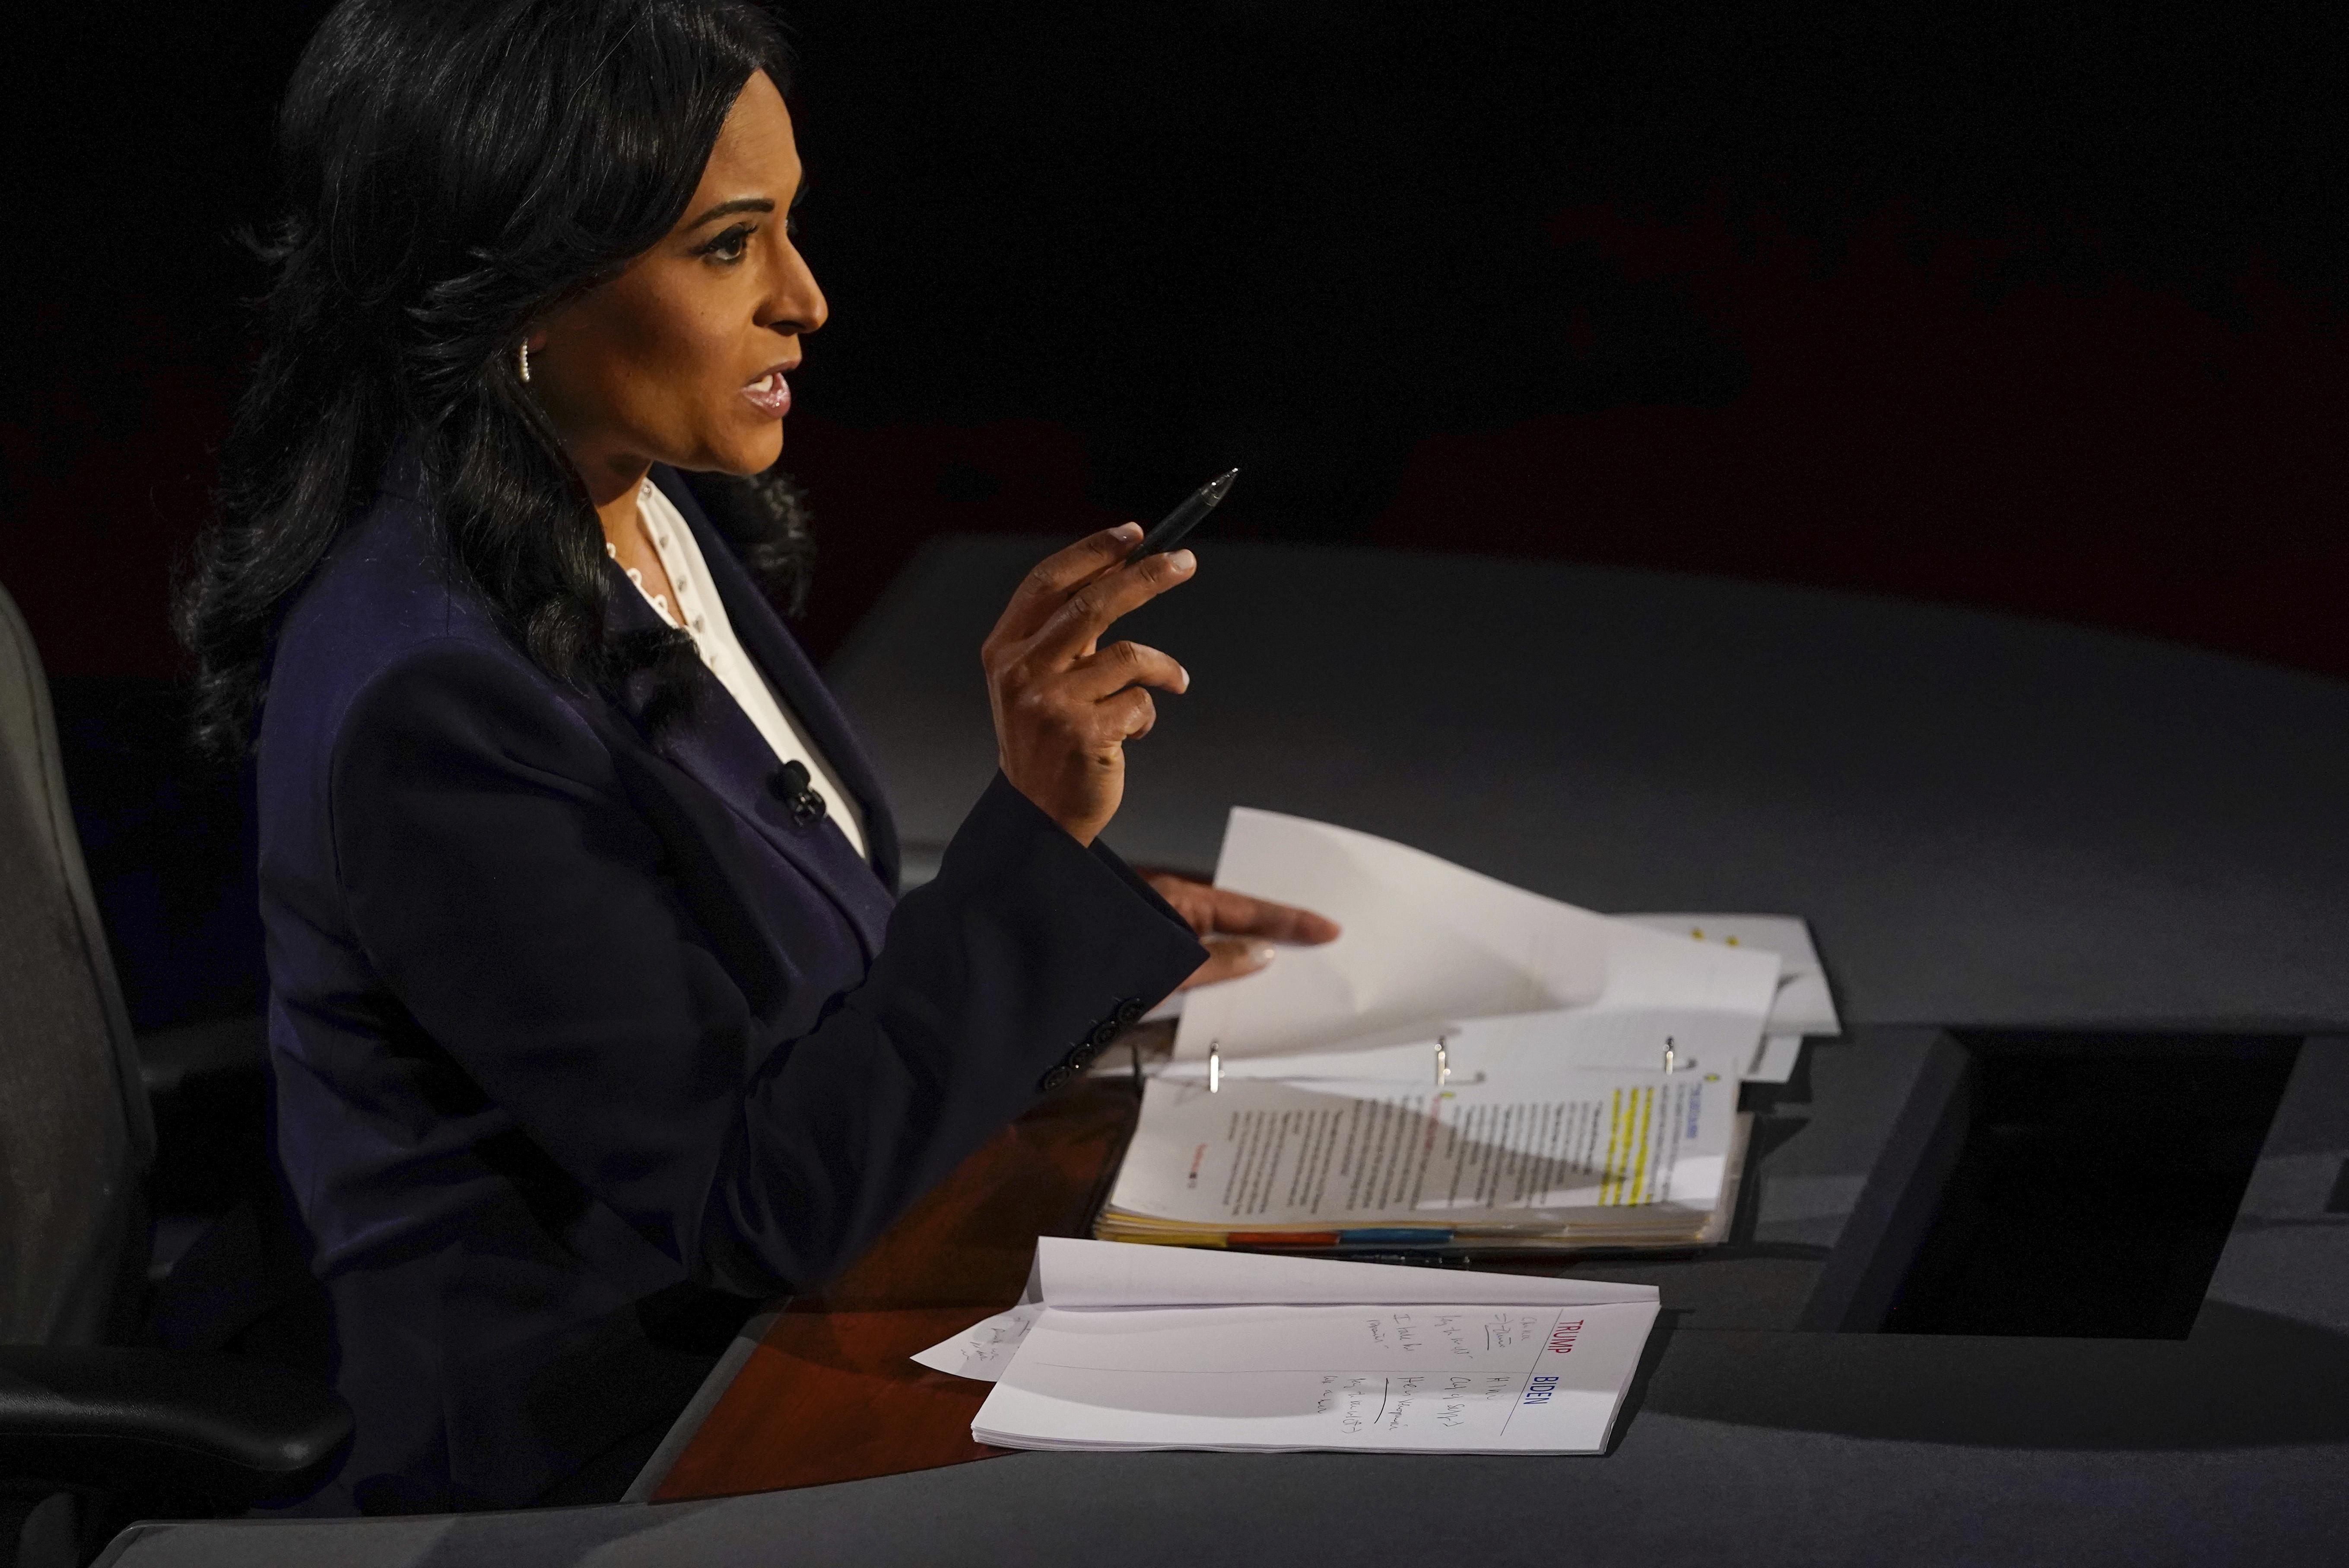 是次辯論為免出現上一次辯論的插嘴情況,主辦單位有新增機制,由專人負責靜音按鈕。圖為最後一場電視辯論的主持人、NBC新聞的韋爾克。    美聯社